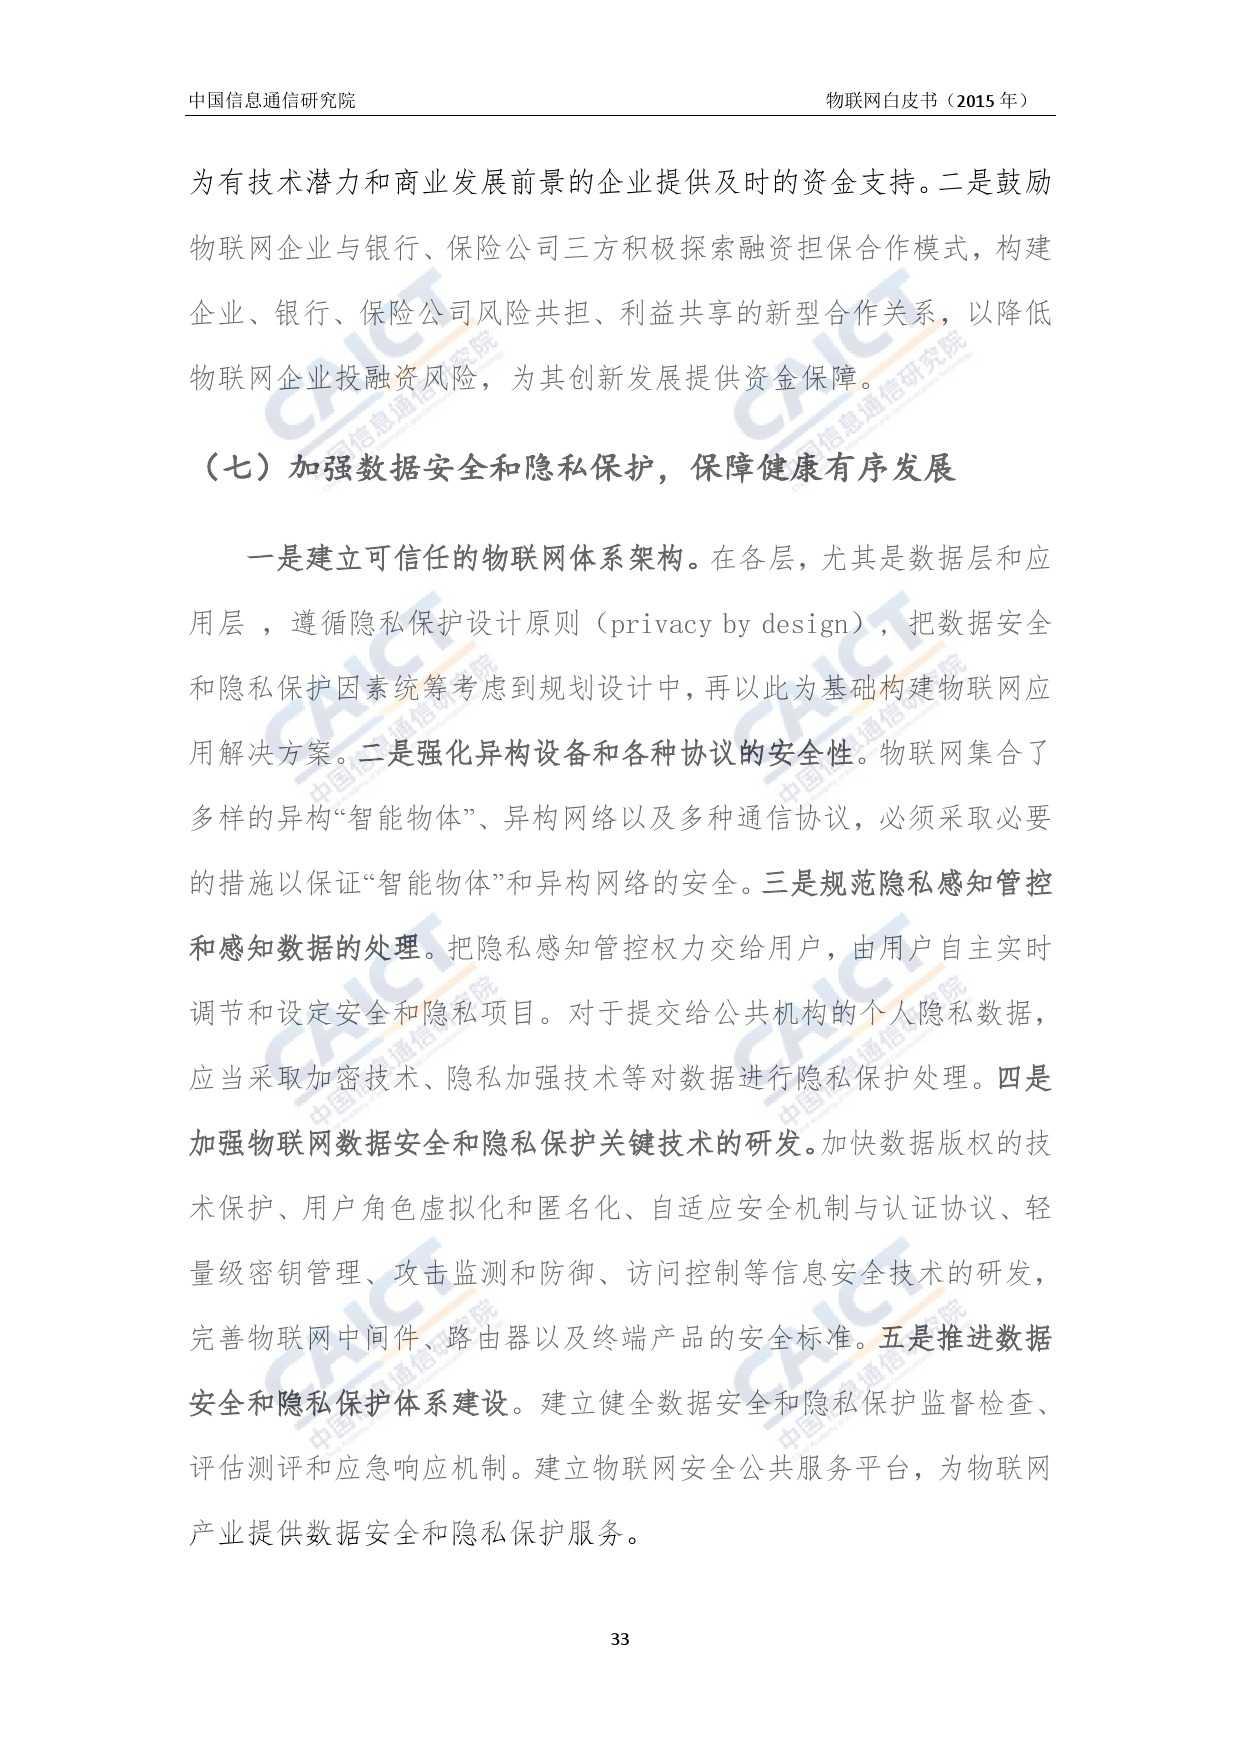 中国信息通信研究院:2015年物联网白皮书_000037